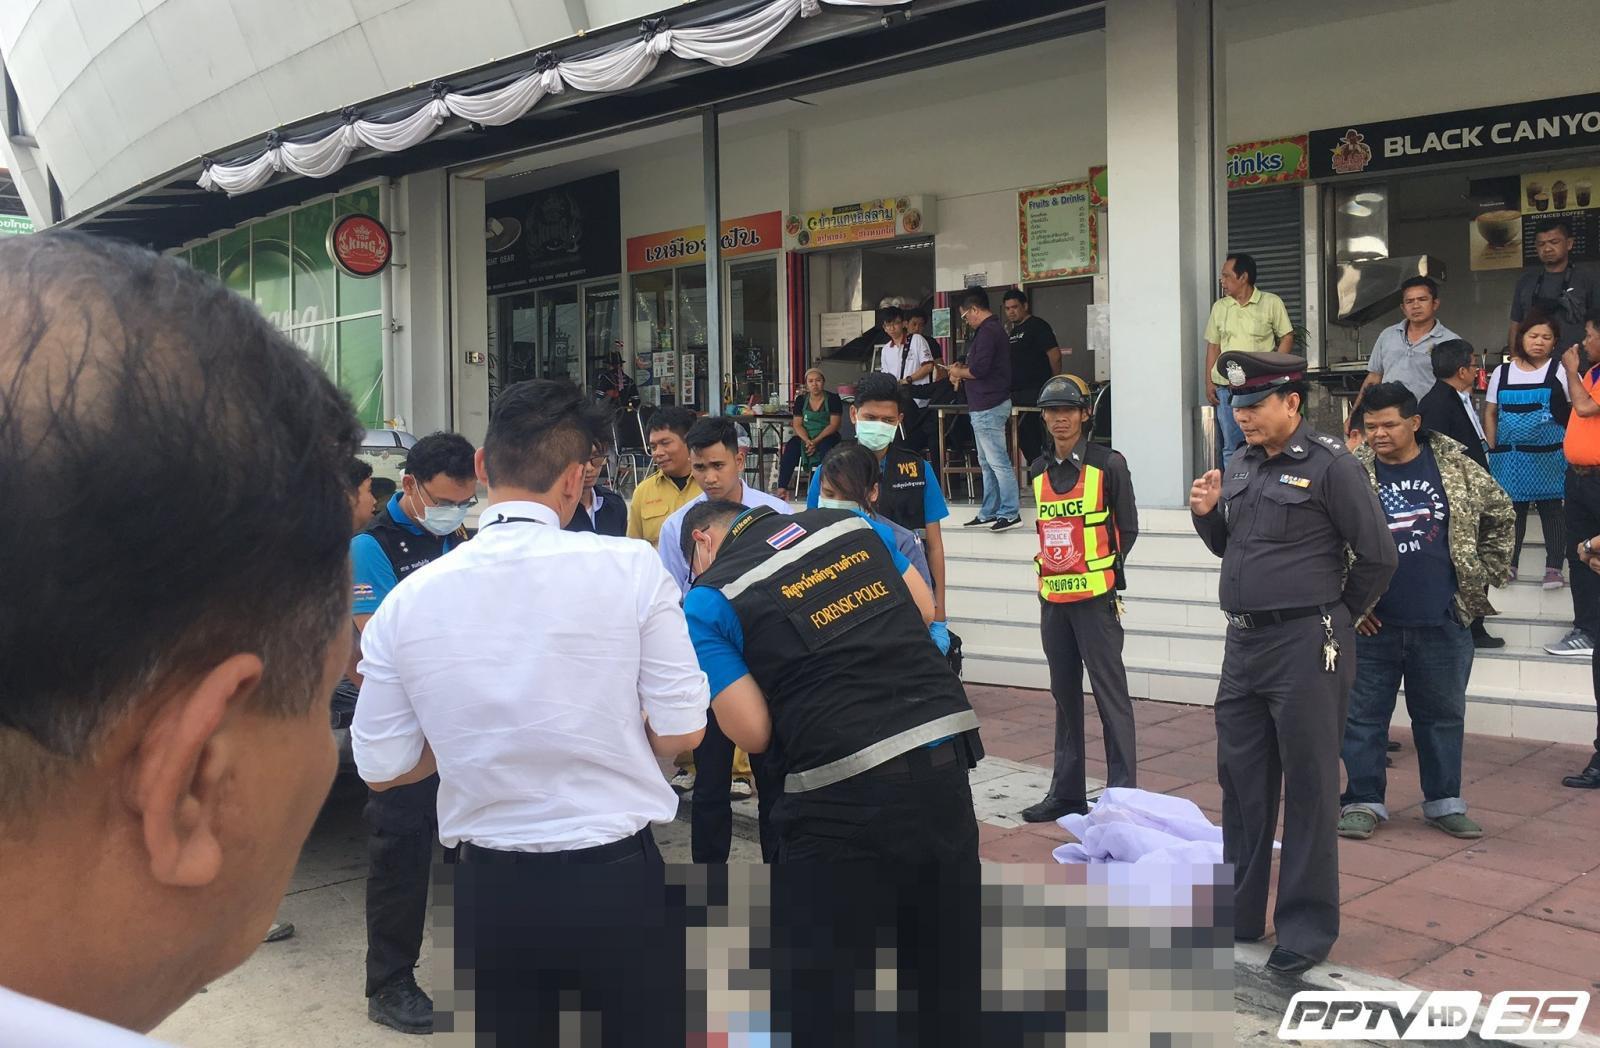 ตำรวจ เร่งหาสาเหตุดักทำร้ายกรรมการมวยลุมพินี